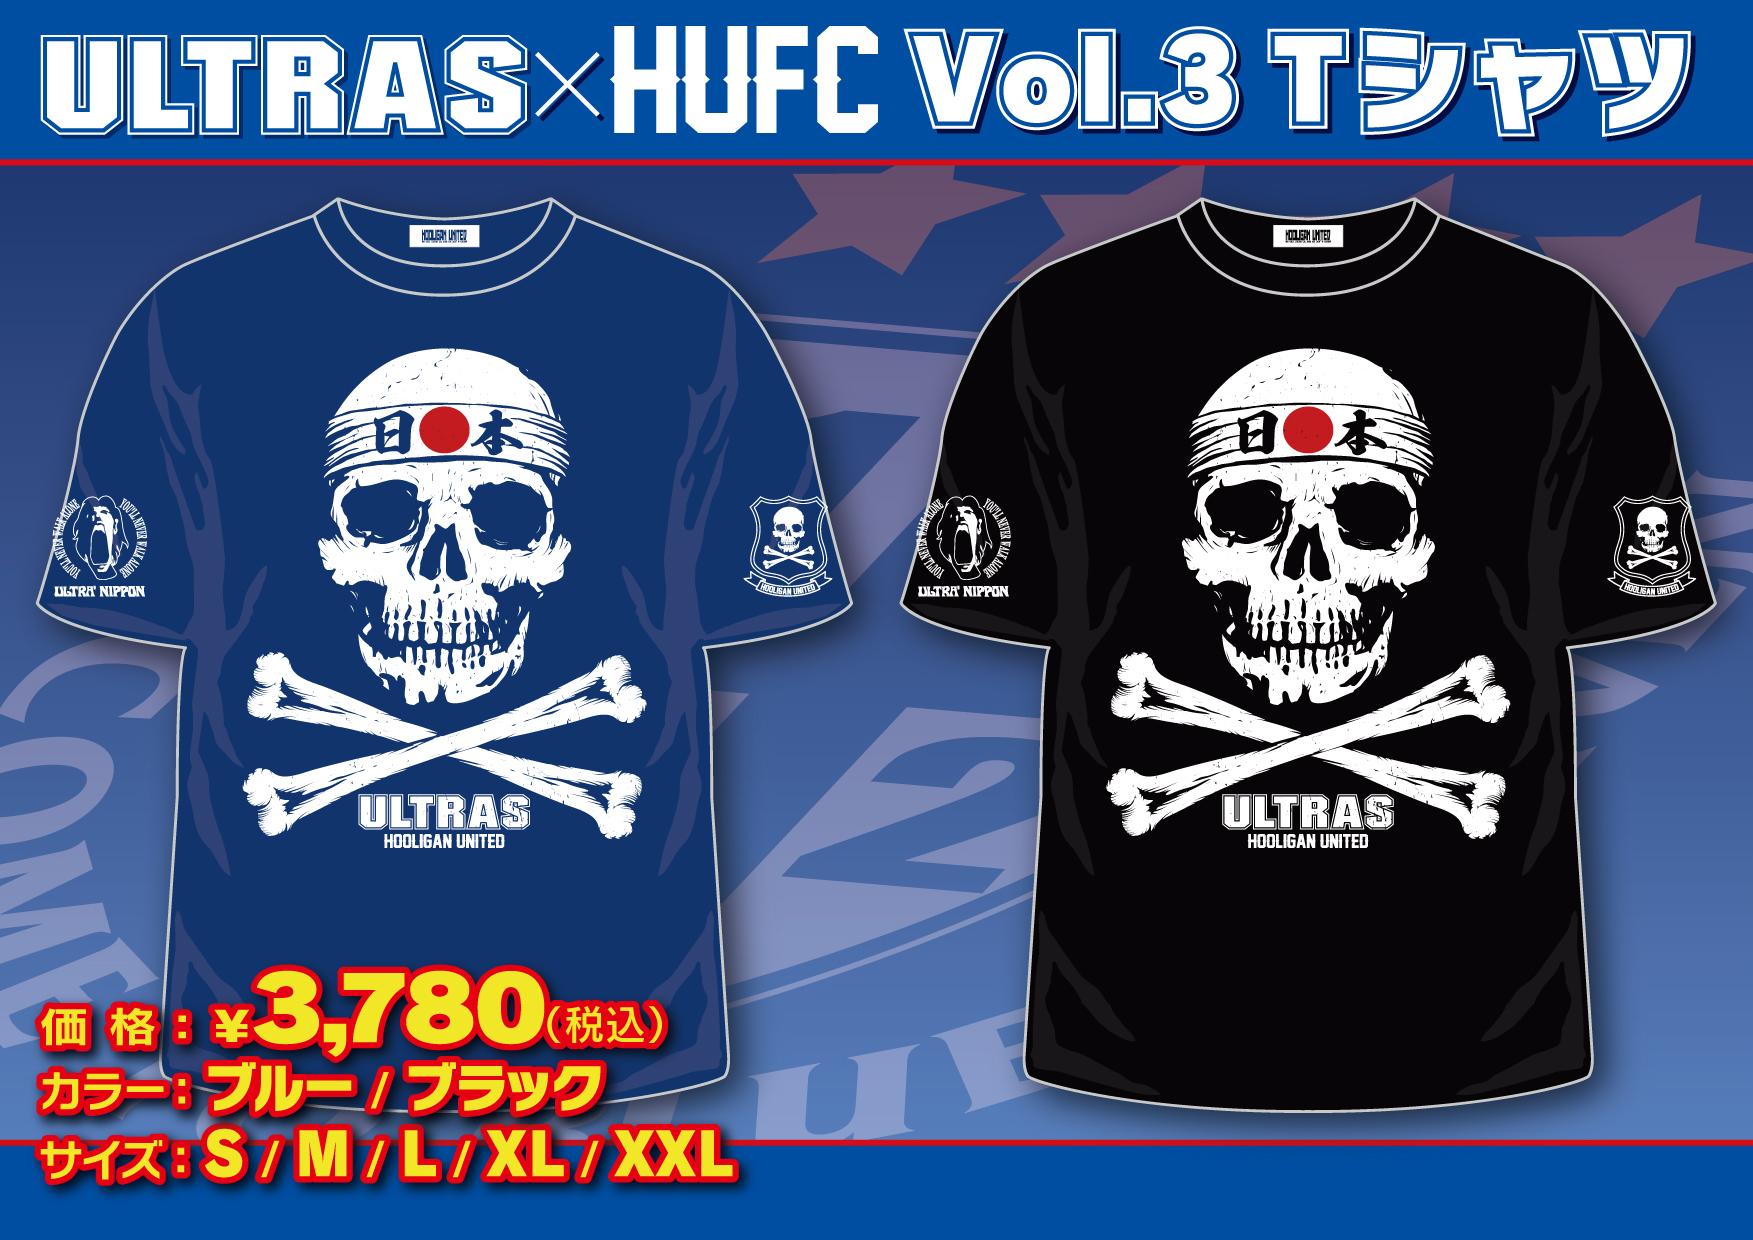 ULTRAS×HUFC vol.3